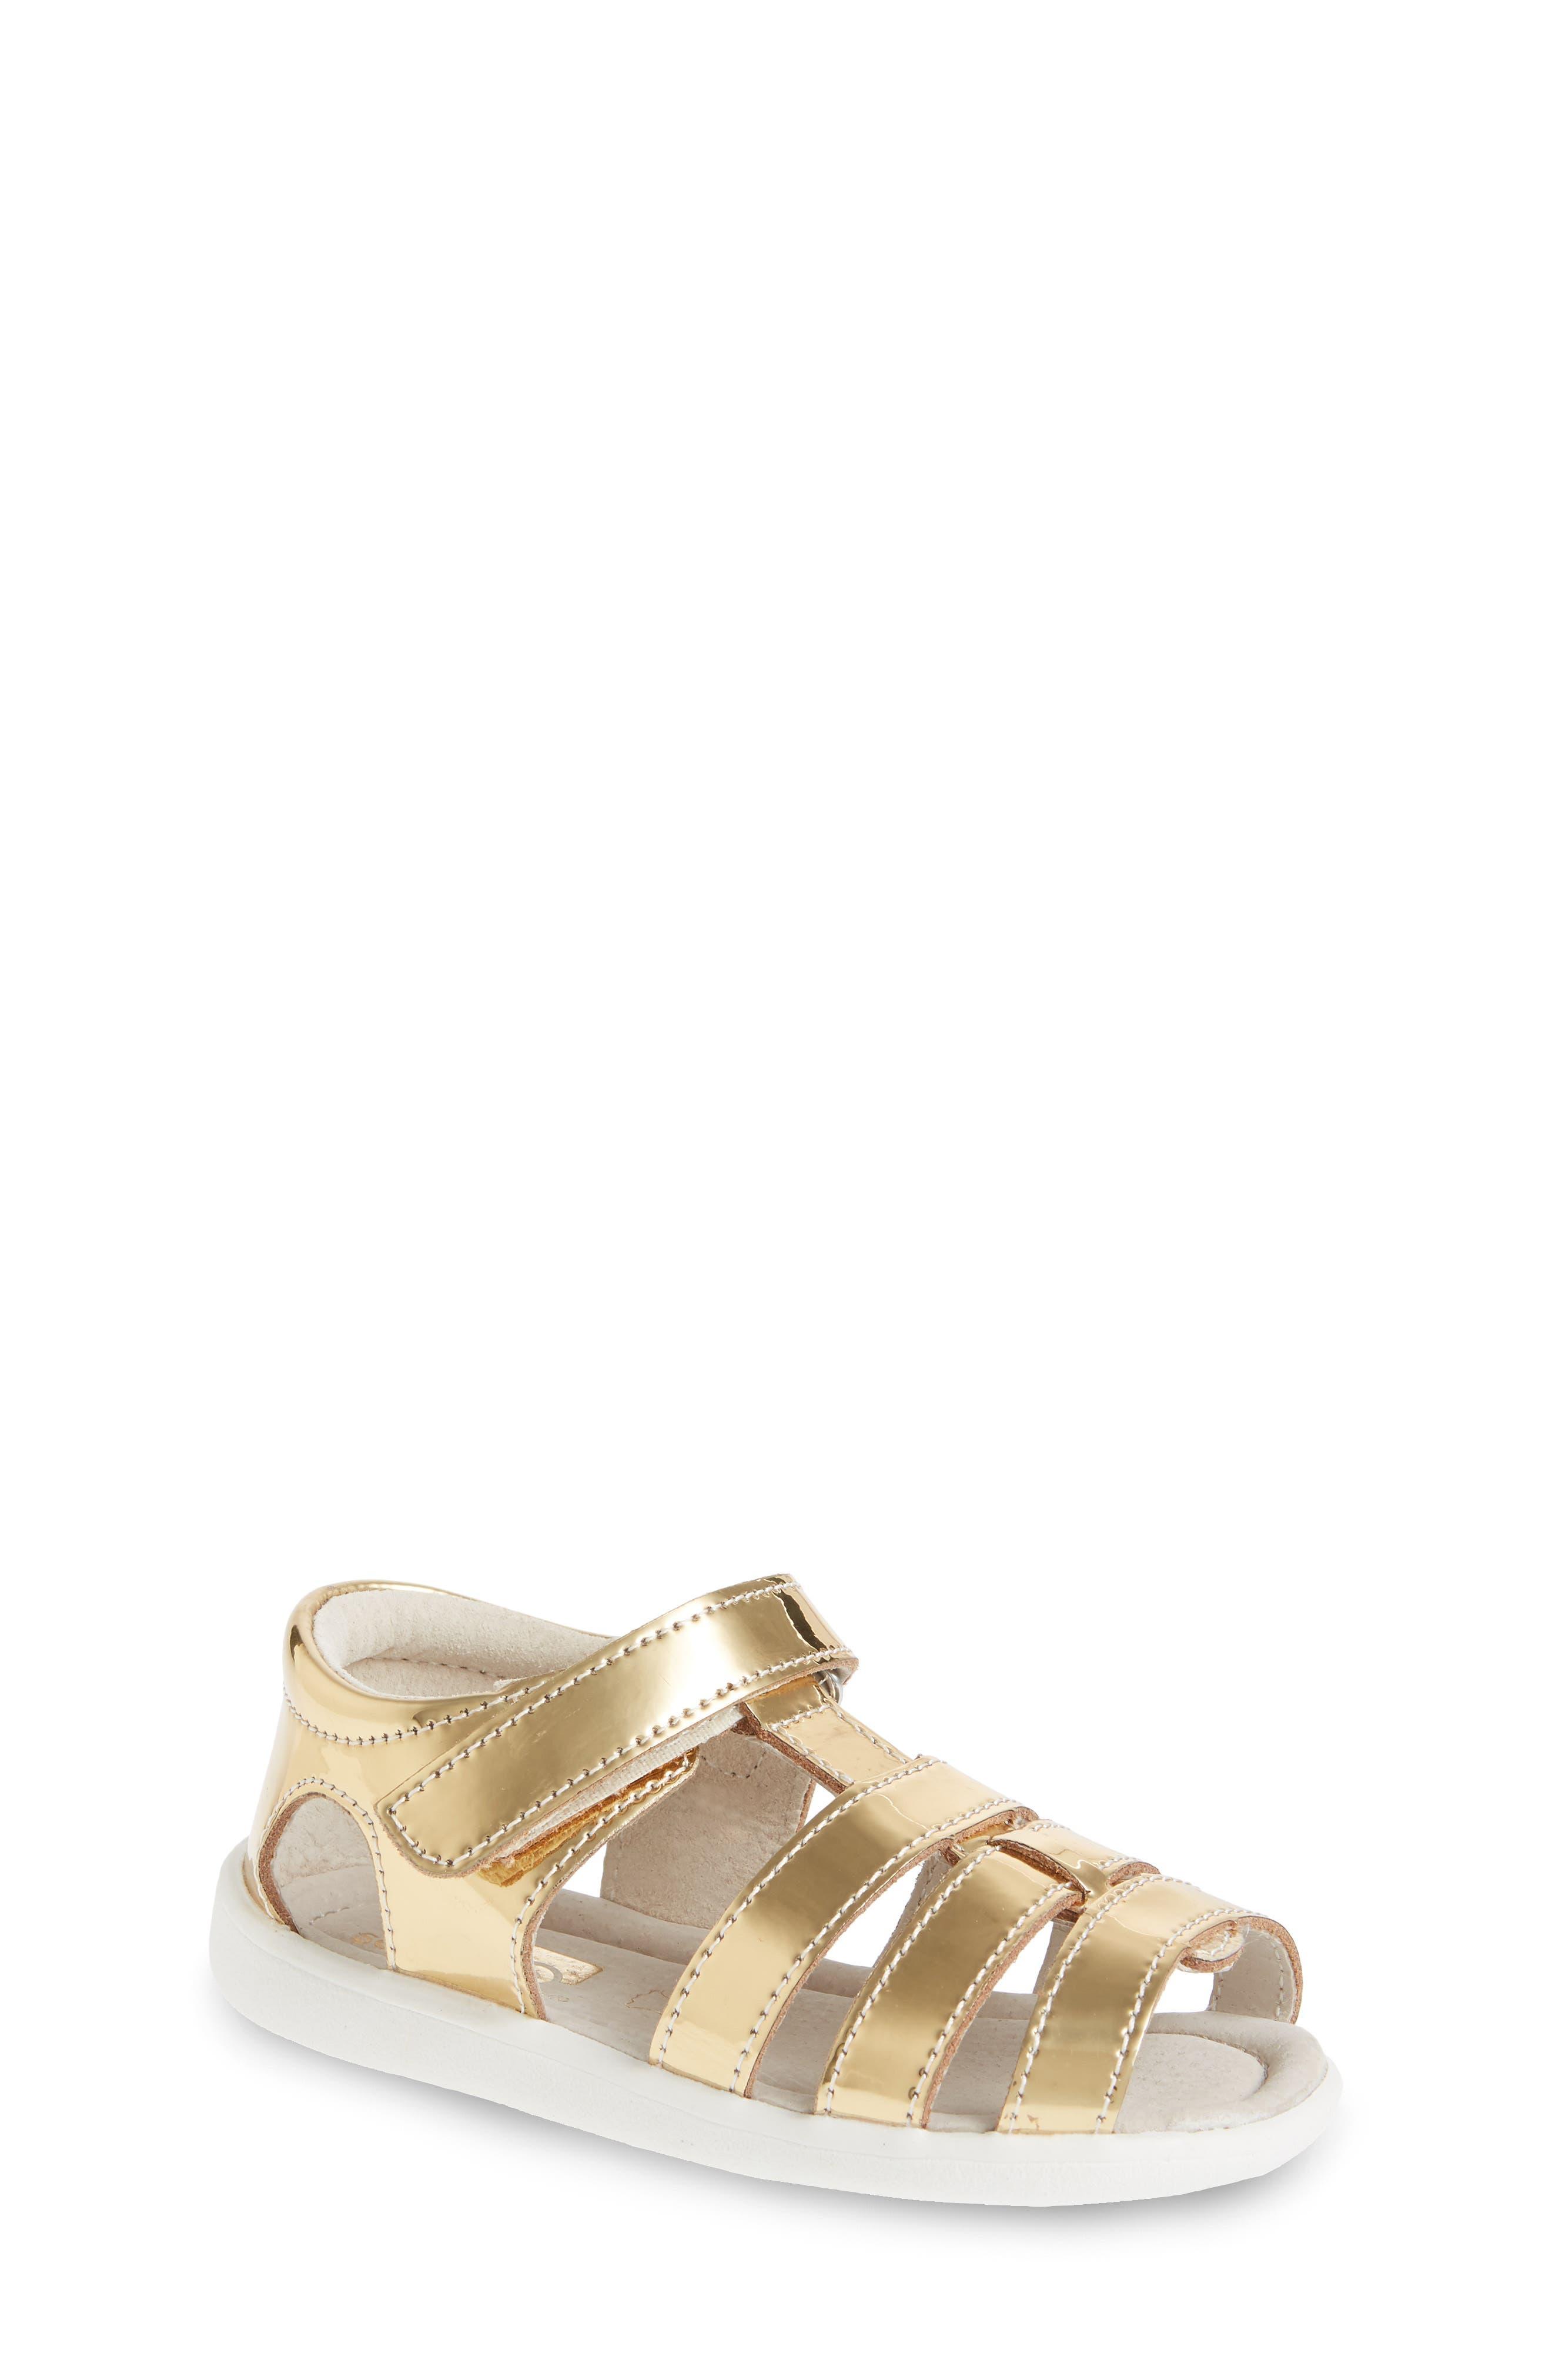 Alternate Image 1 Selected - See Kai Run 'Fe' Metallic Leather Gladiator Sandal (Baby, Walker & Toddler)